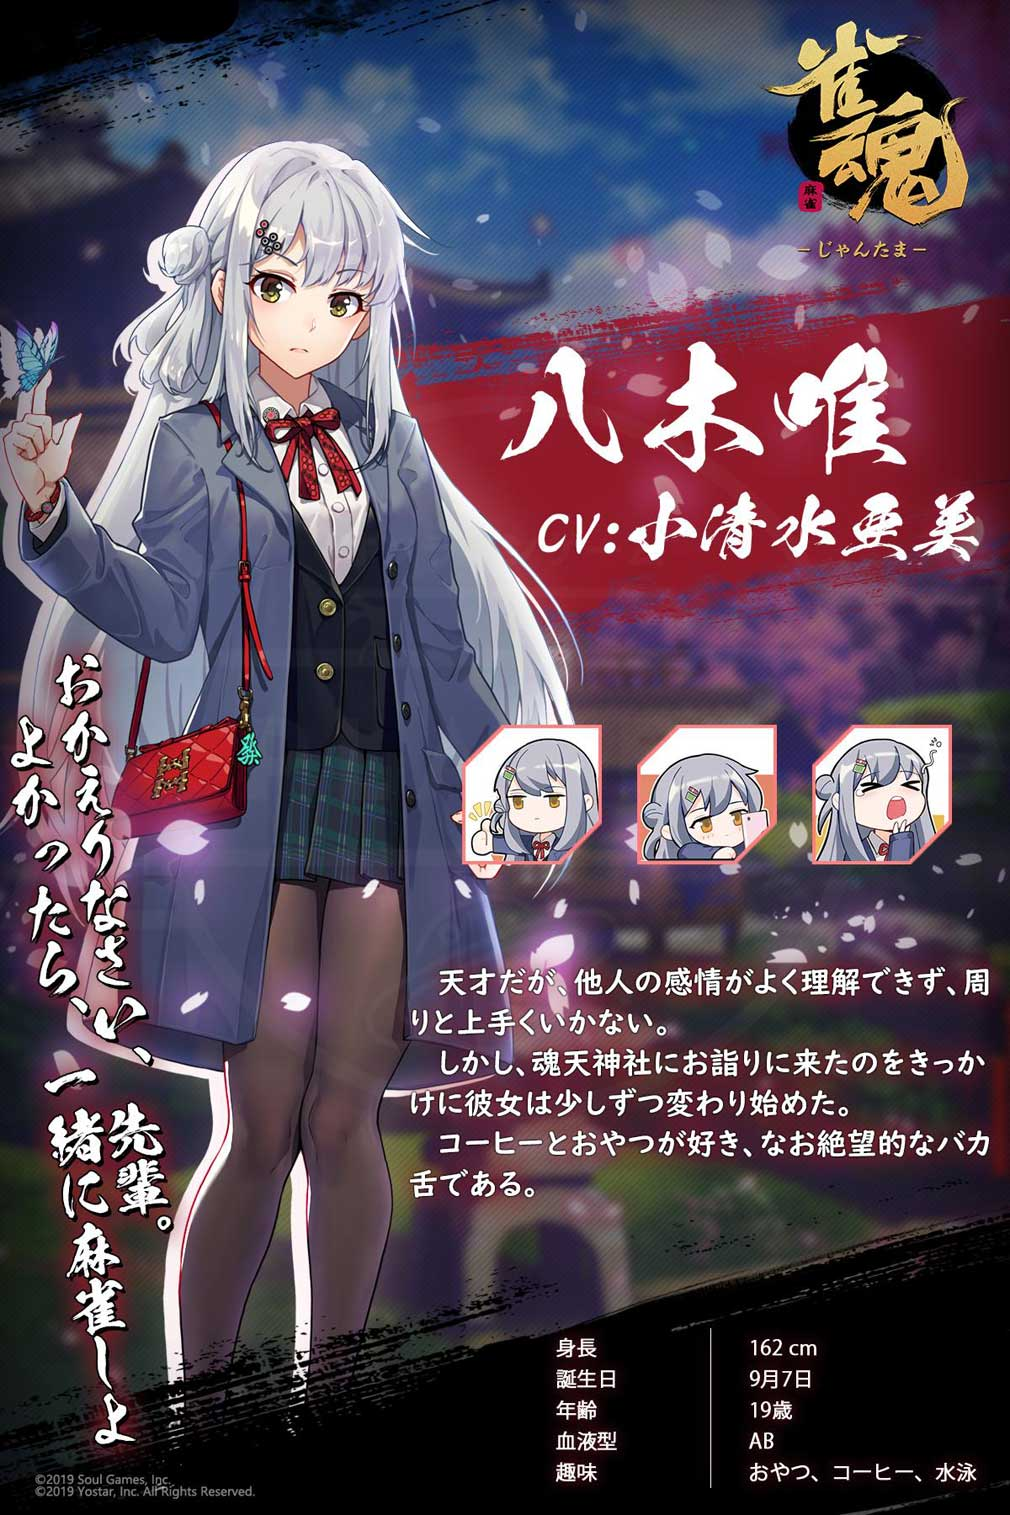 雀魂(じゃんたま) 雀士キャラクター『八木唯』紹介イメージ